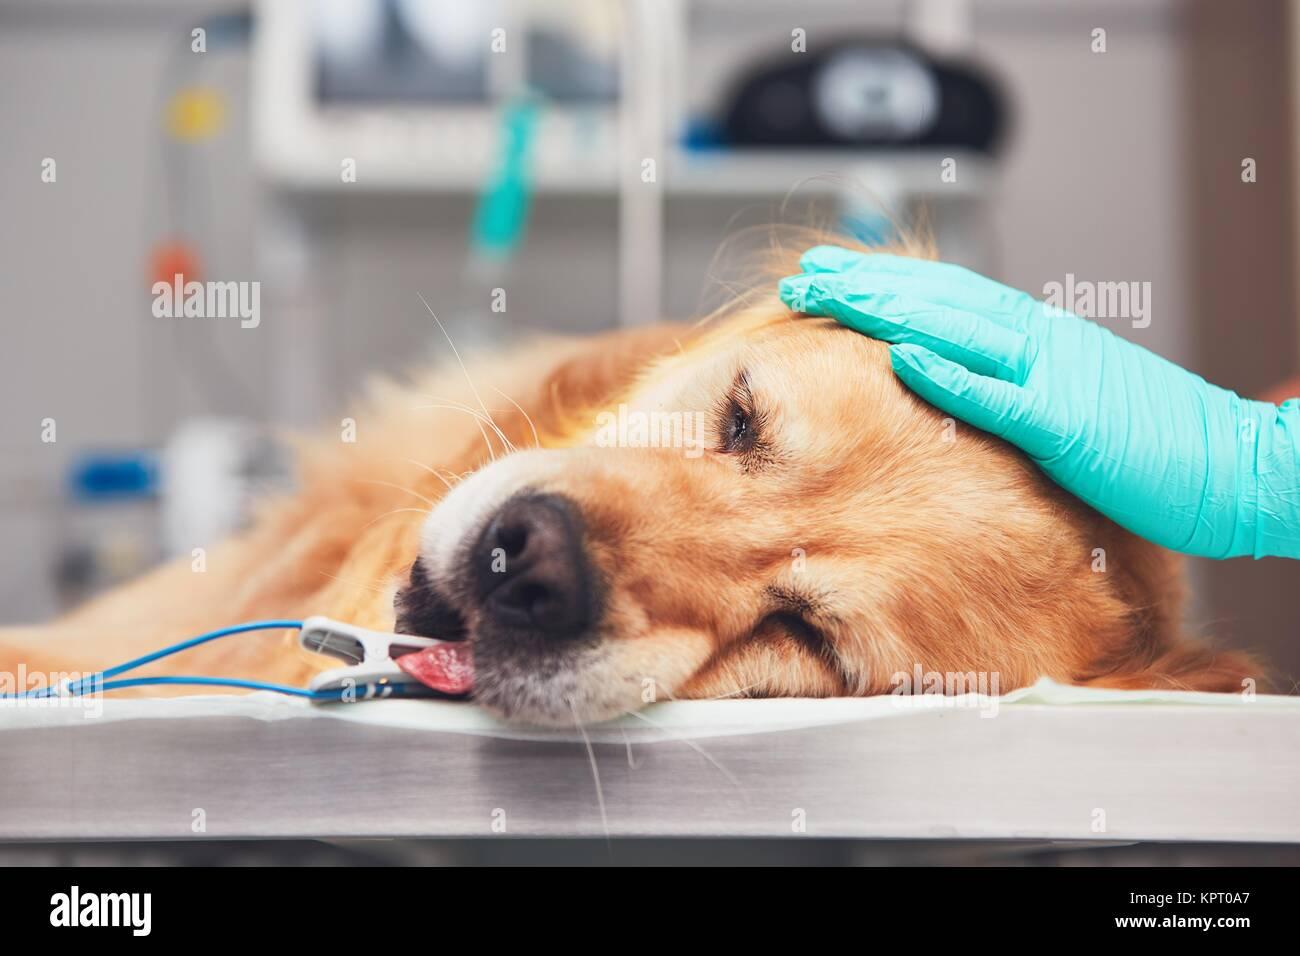 Un cane in ospedale per animali. Il golden retriever giacente sulla sala operatoria prima di un intervento chirurgico. Immagini Stock